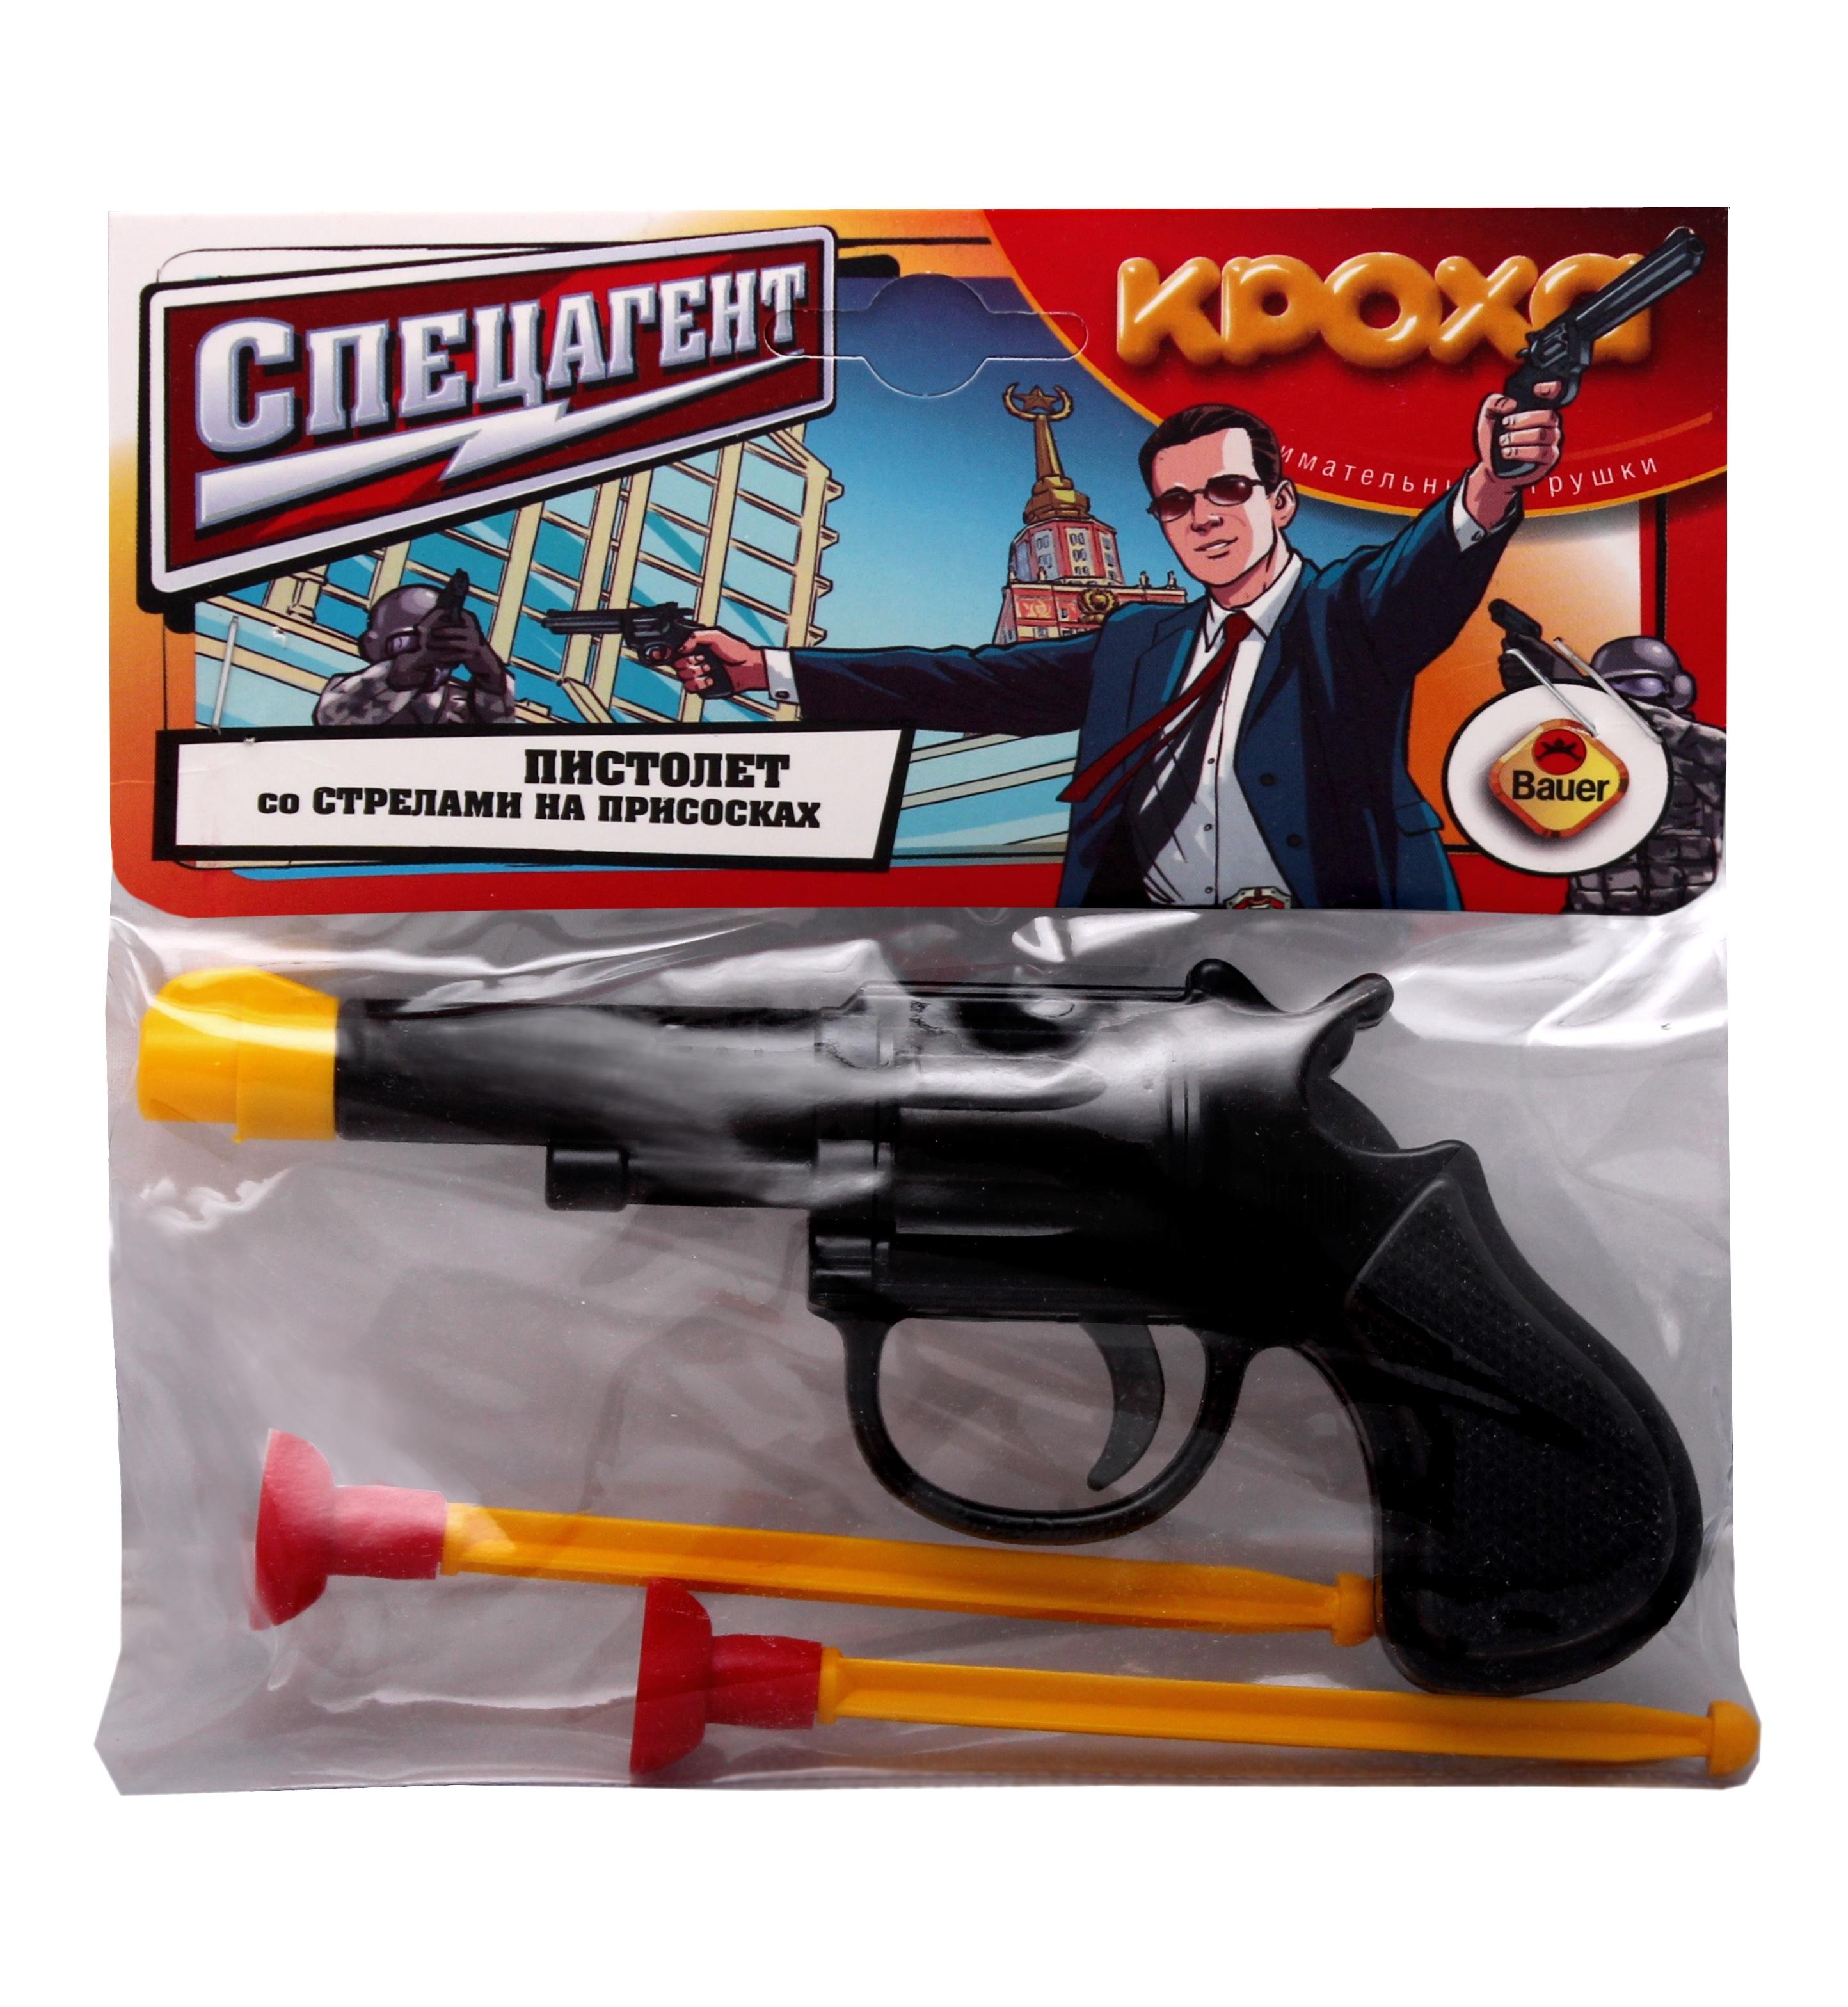 Игровые наборы Профессия Bauer Кроха Спецагент со стрелами на присосках игрушка пистолет спецагент со стрелами на присосках